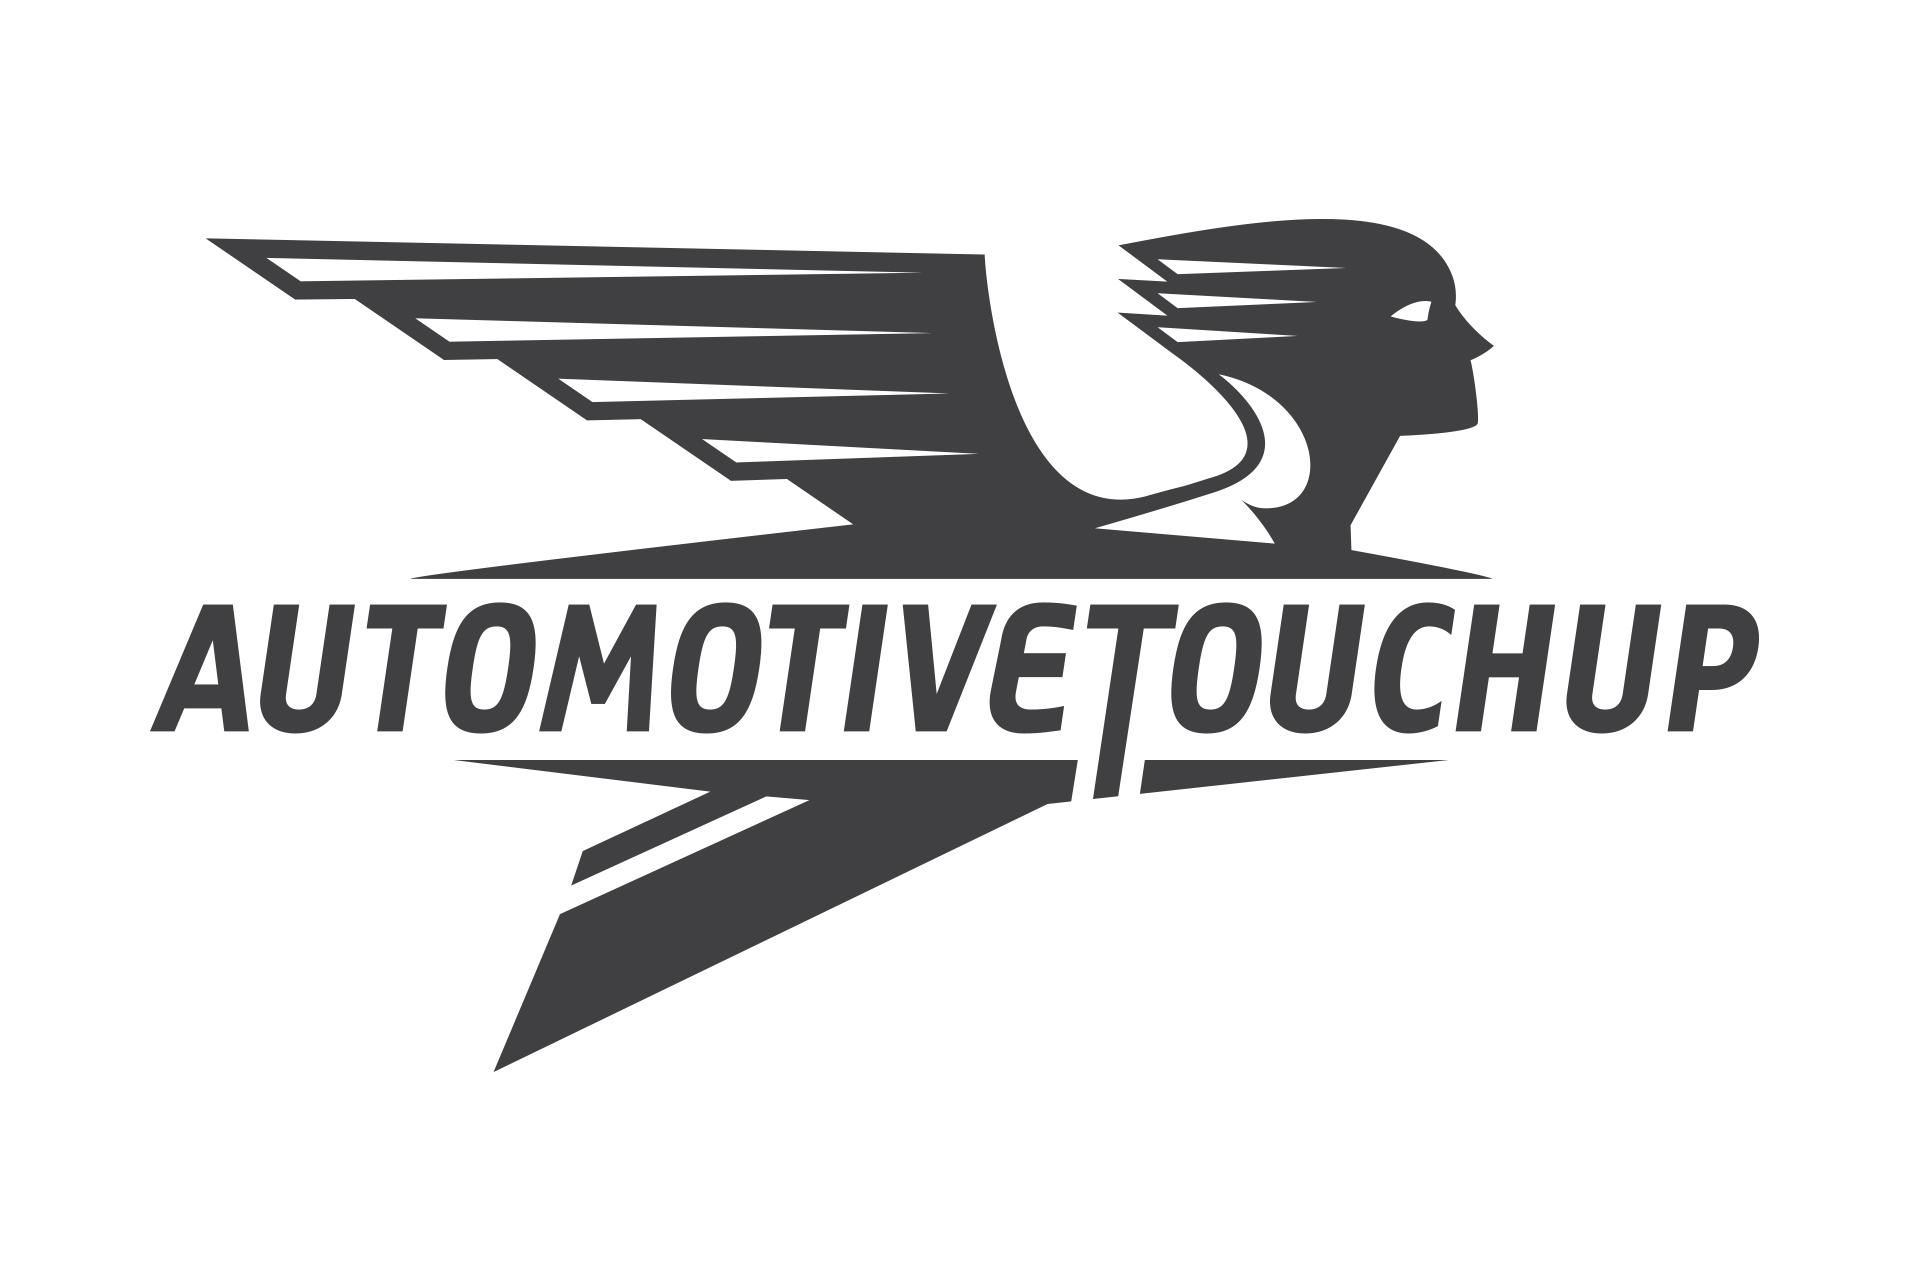 AutomotiveTouchup.com